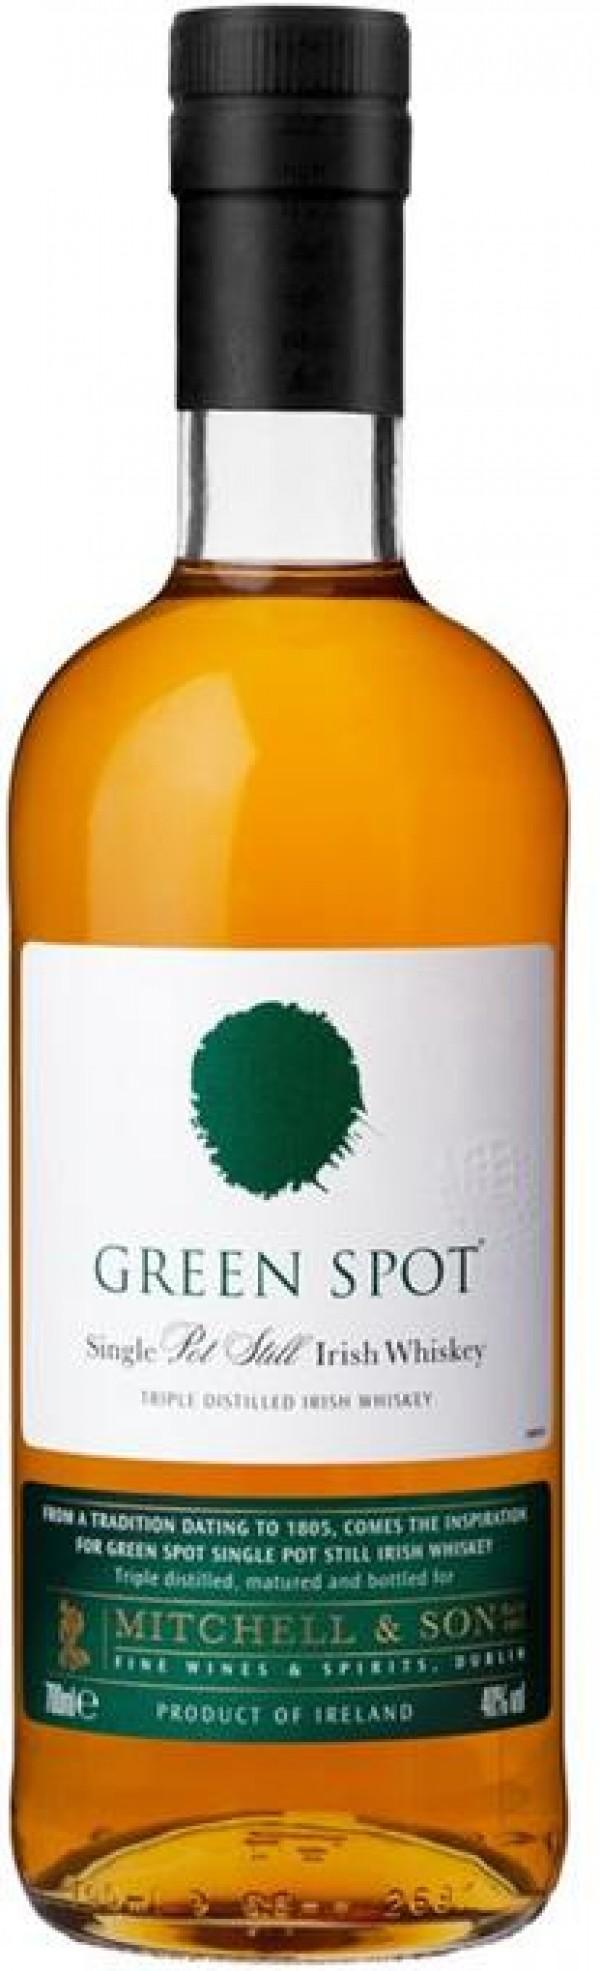 Green Spot Irish Whiskey Pot Still